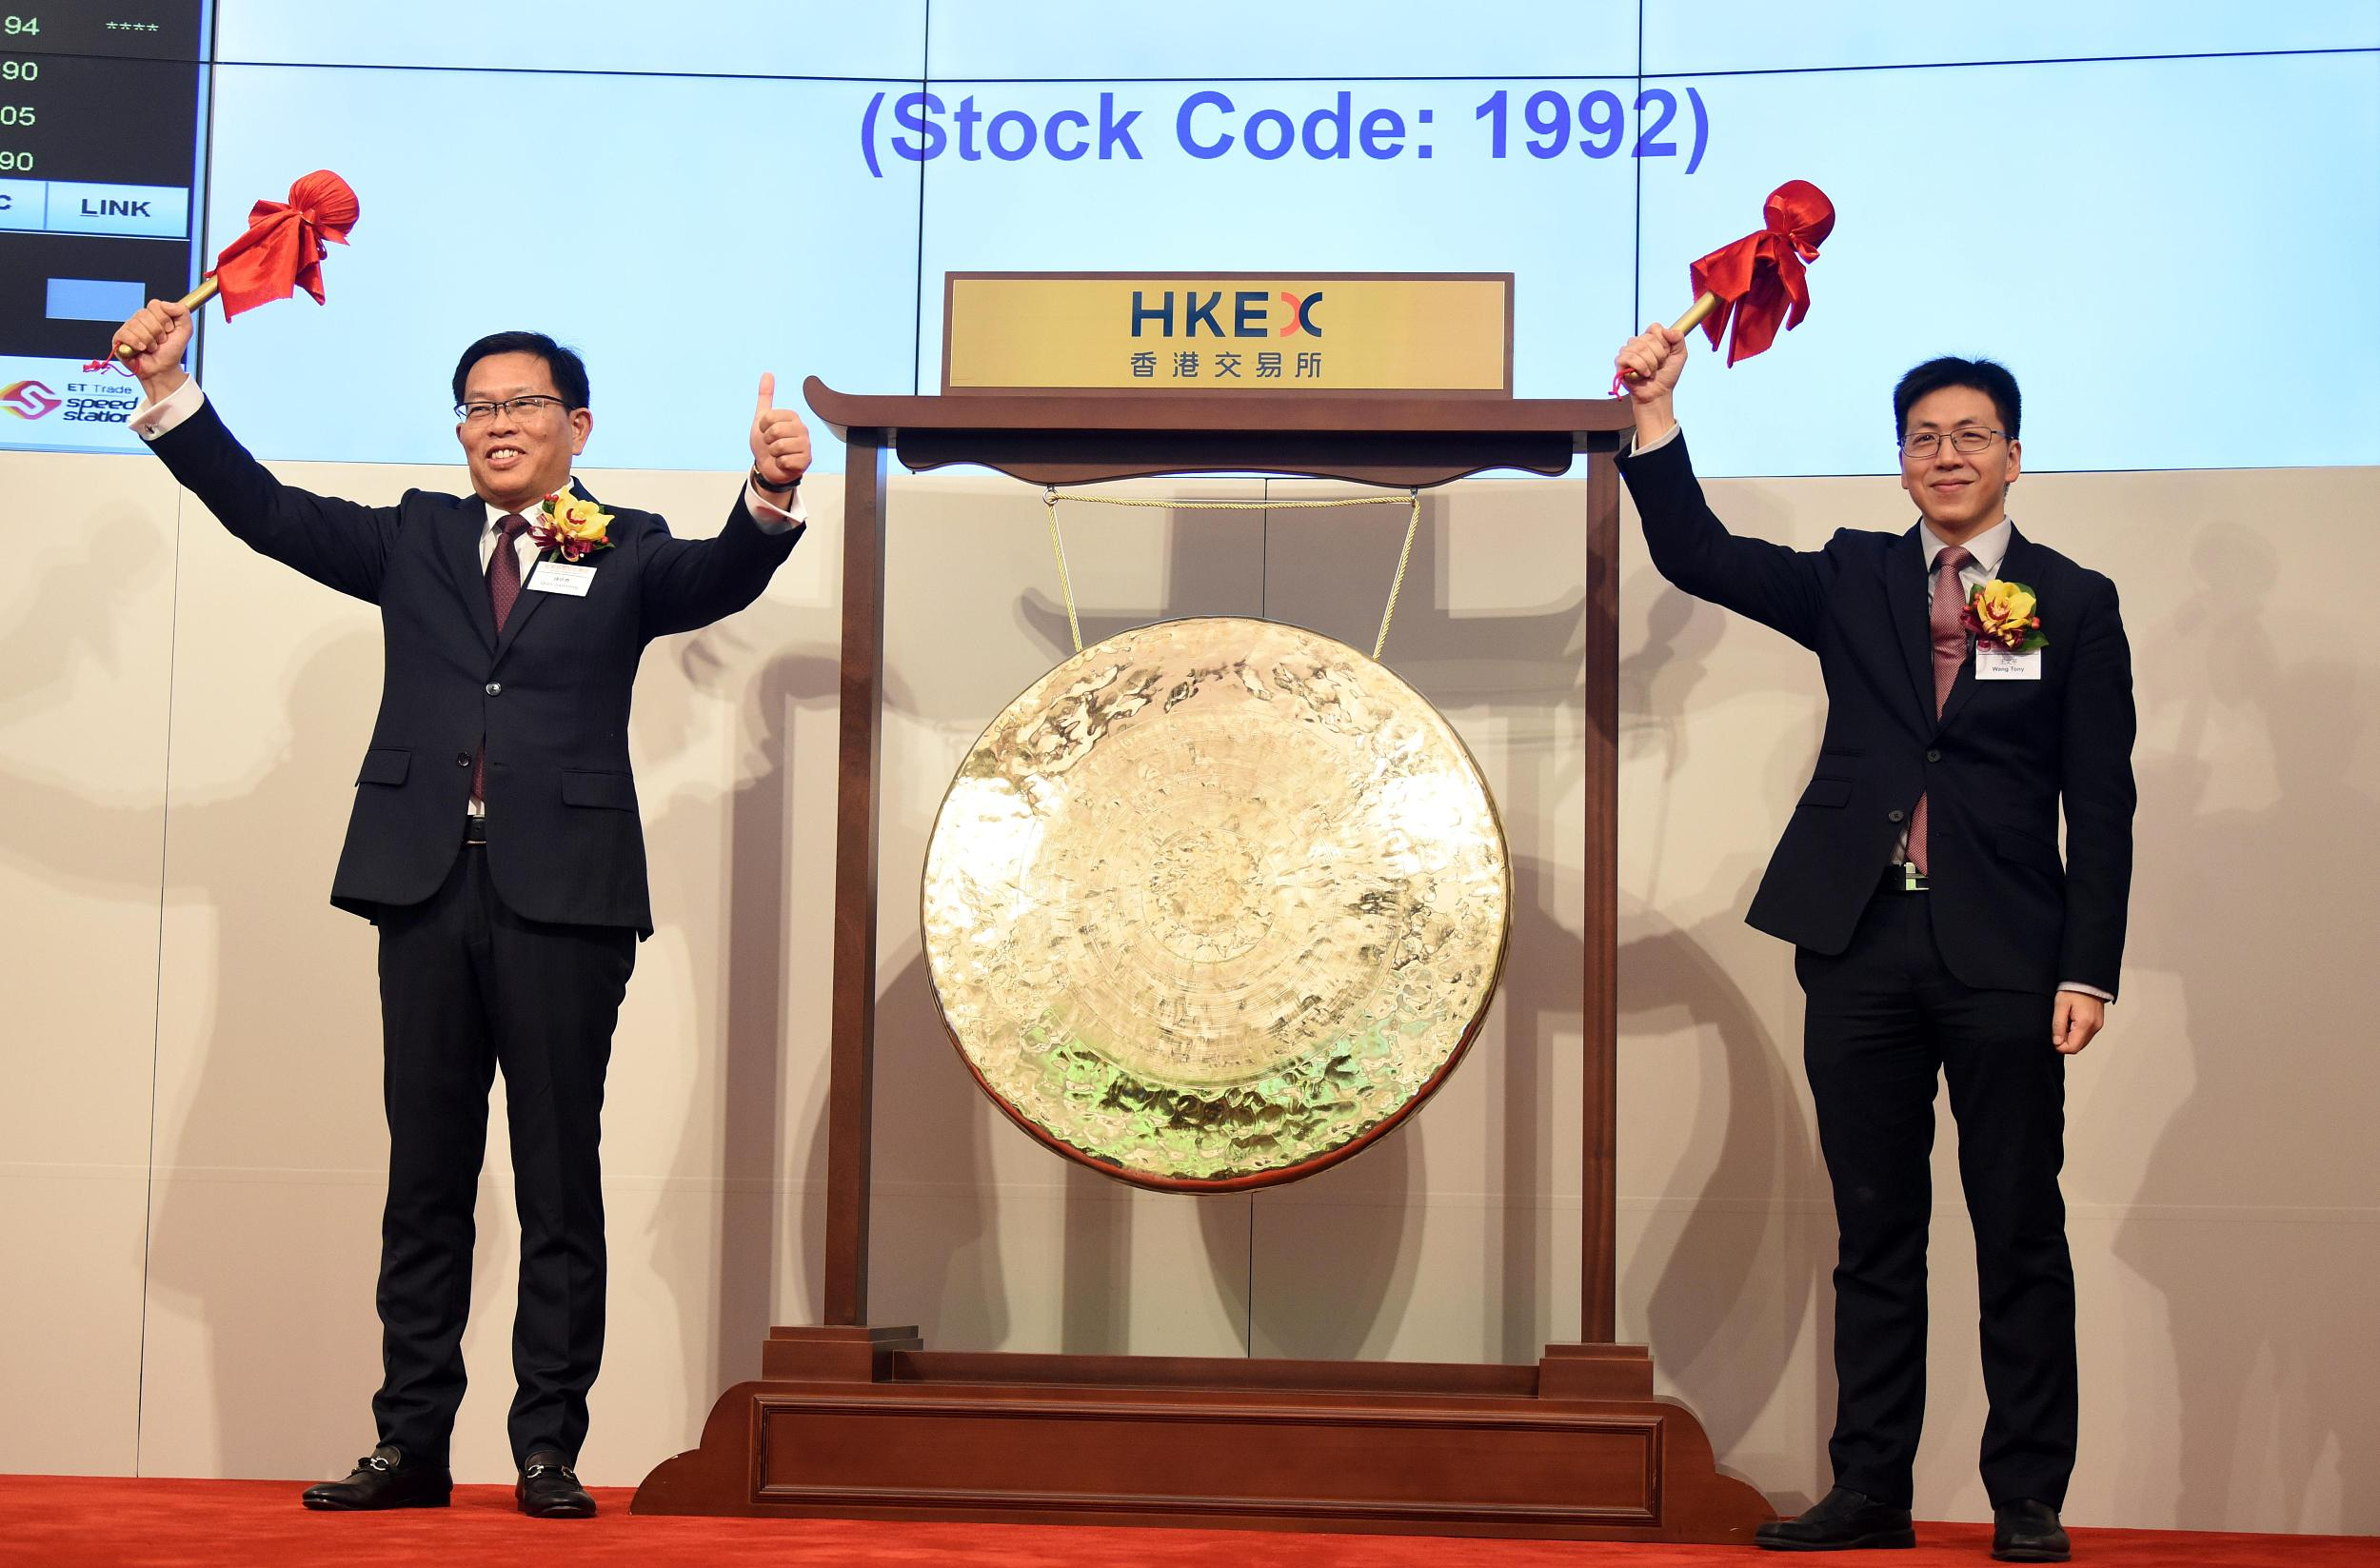 复星旅文港股上市首日破发,谨慎的投资者在考虑什么?